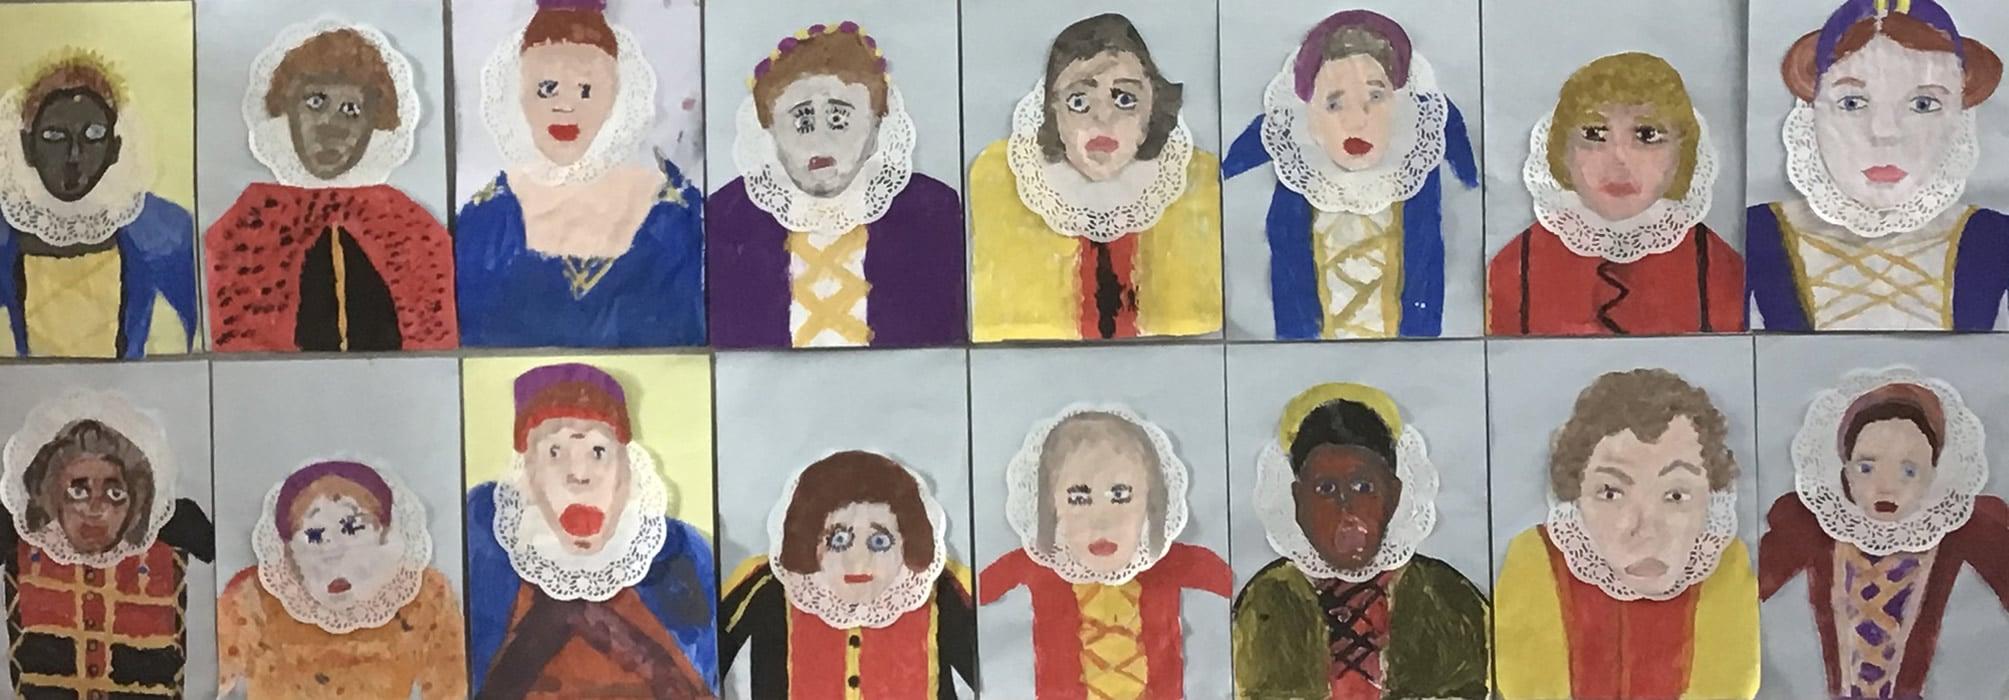 Elizabethan Costumes paintings